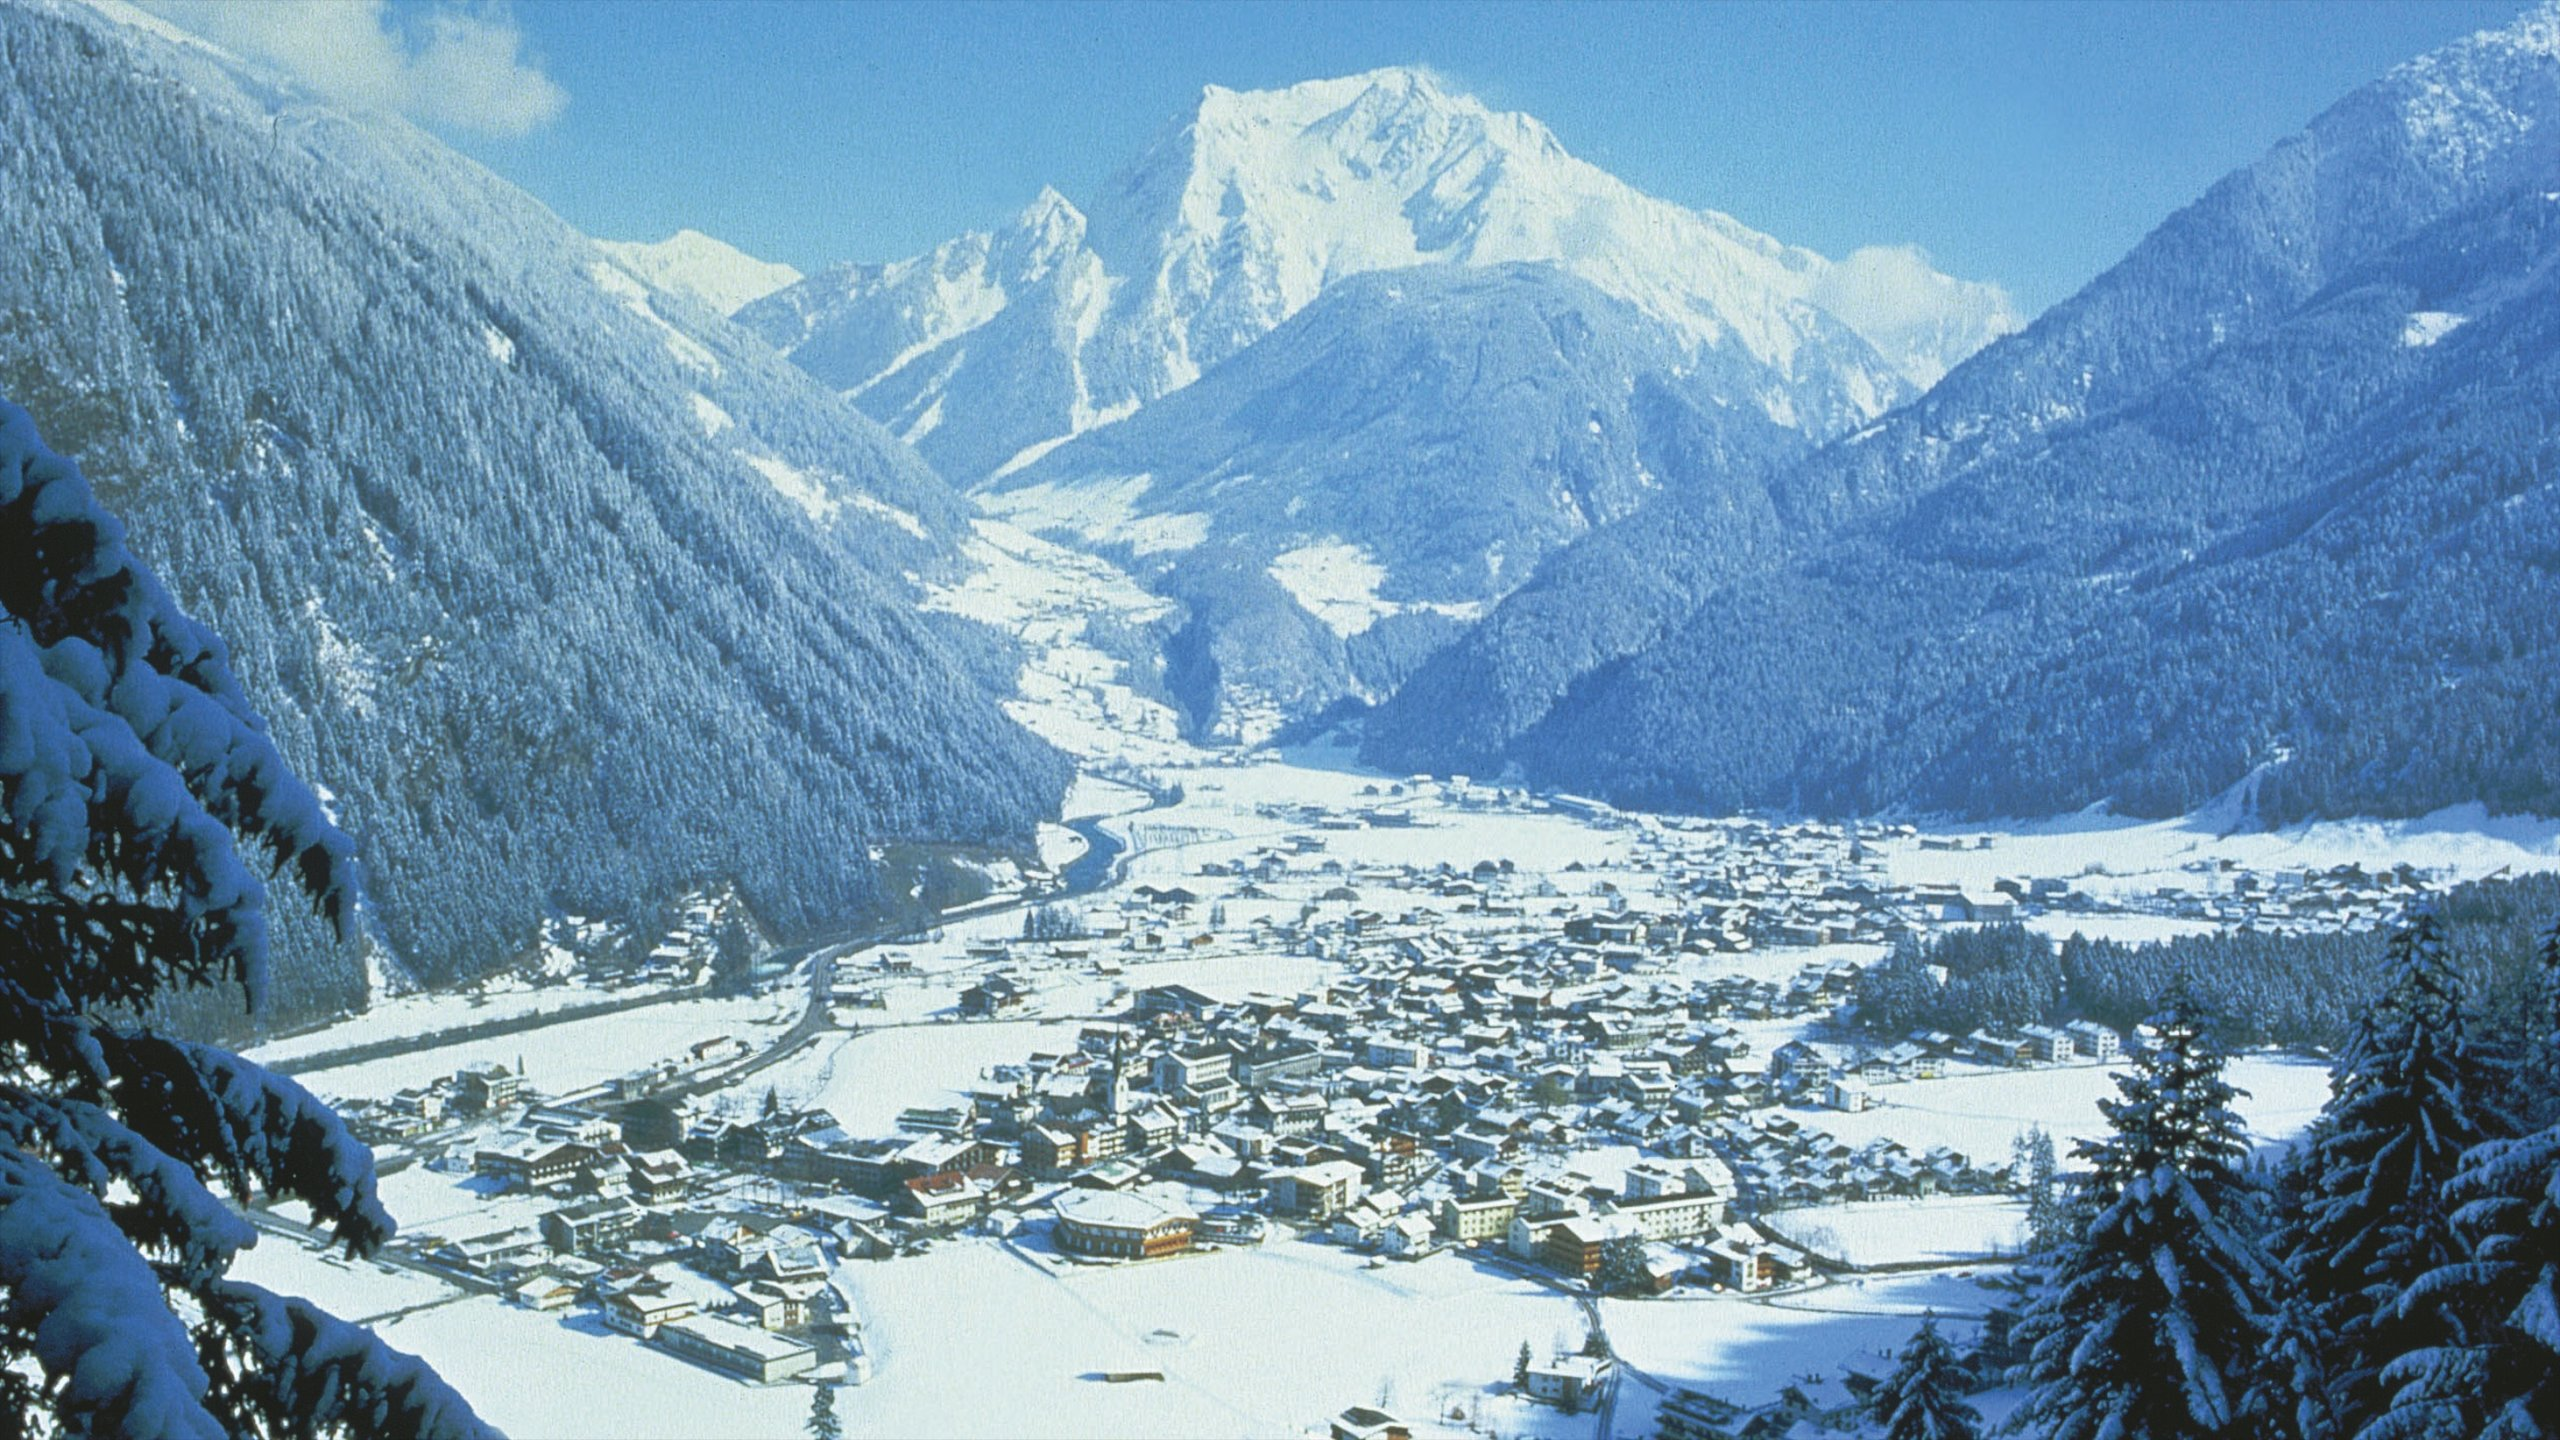 Mayrhofen, Tyrol, Austria